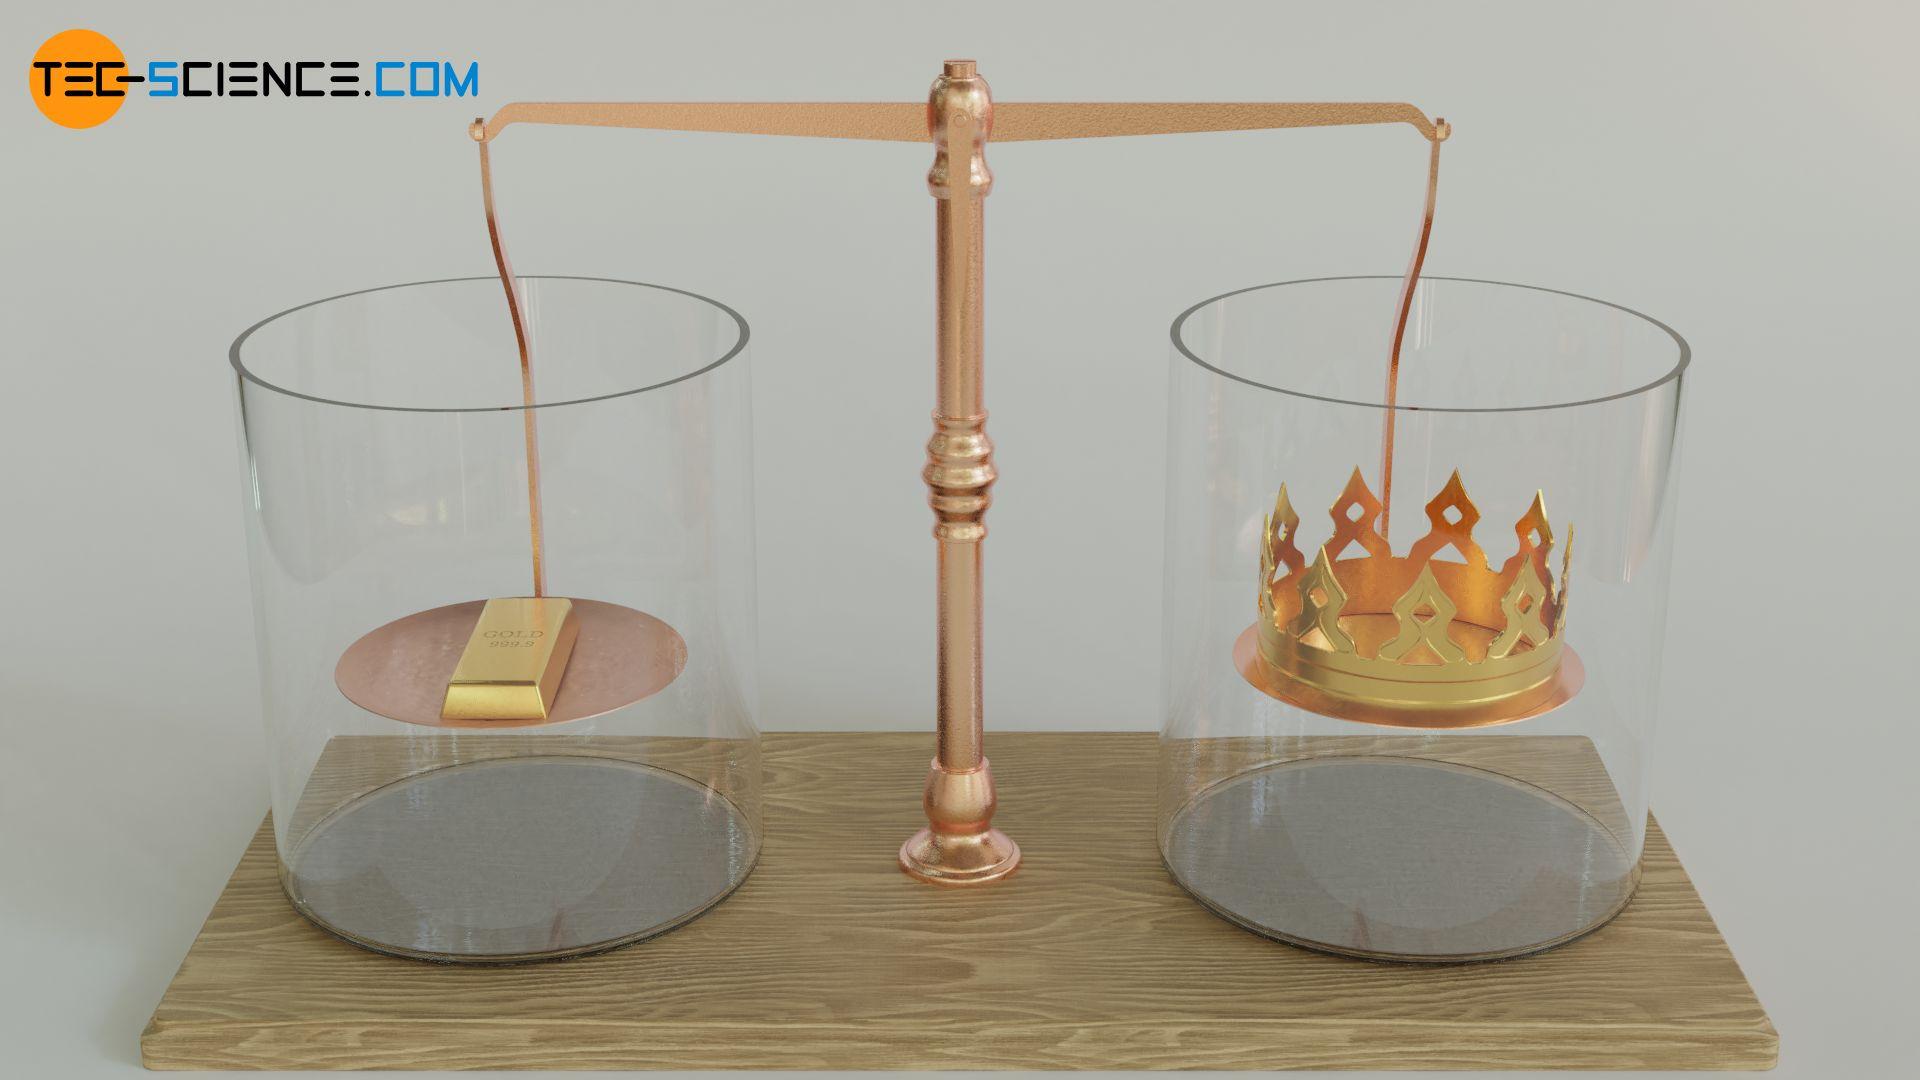 Goldbarren und Krone gleicher Masse an einer Balkenwage